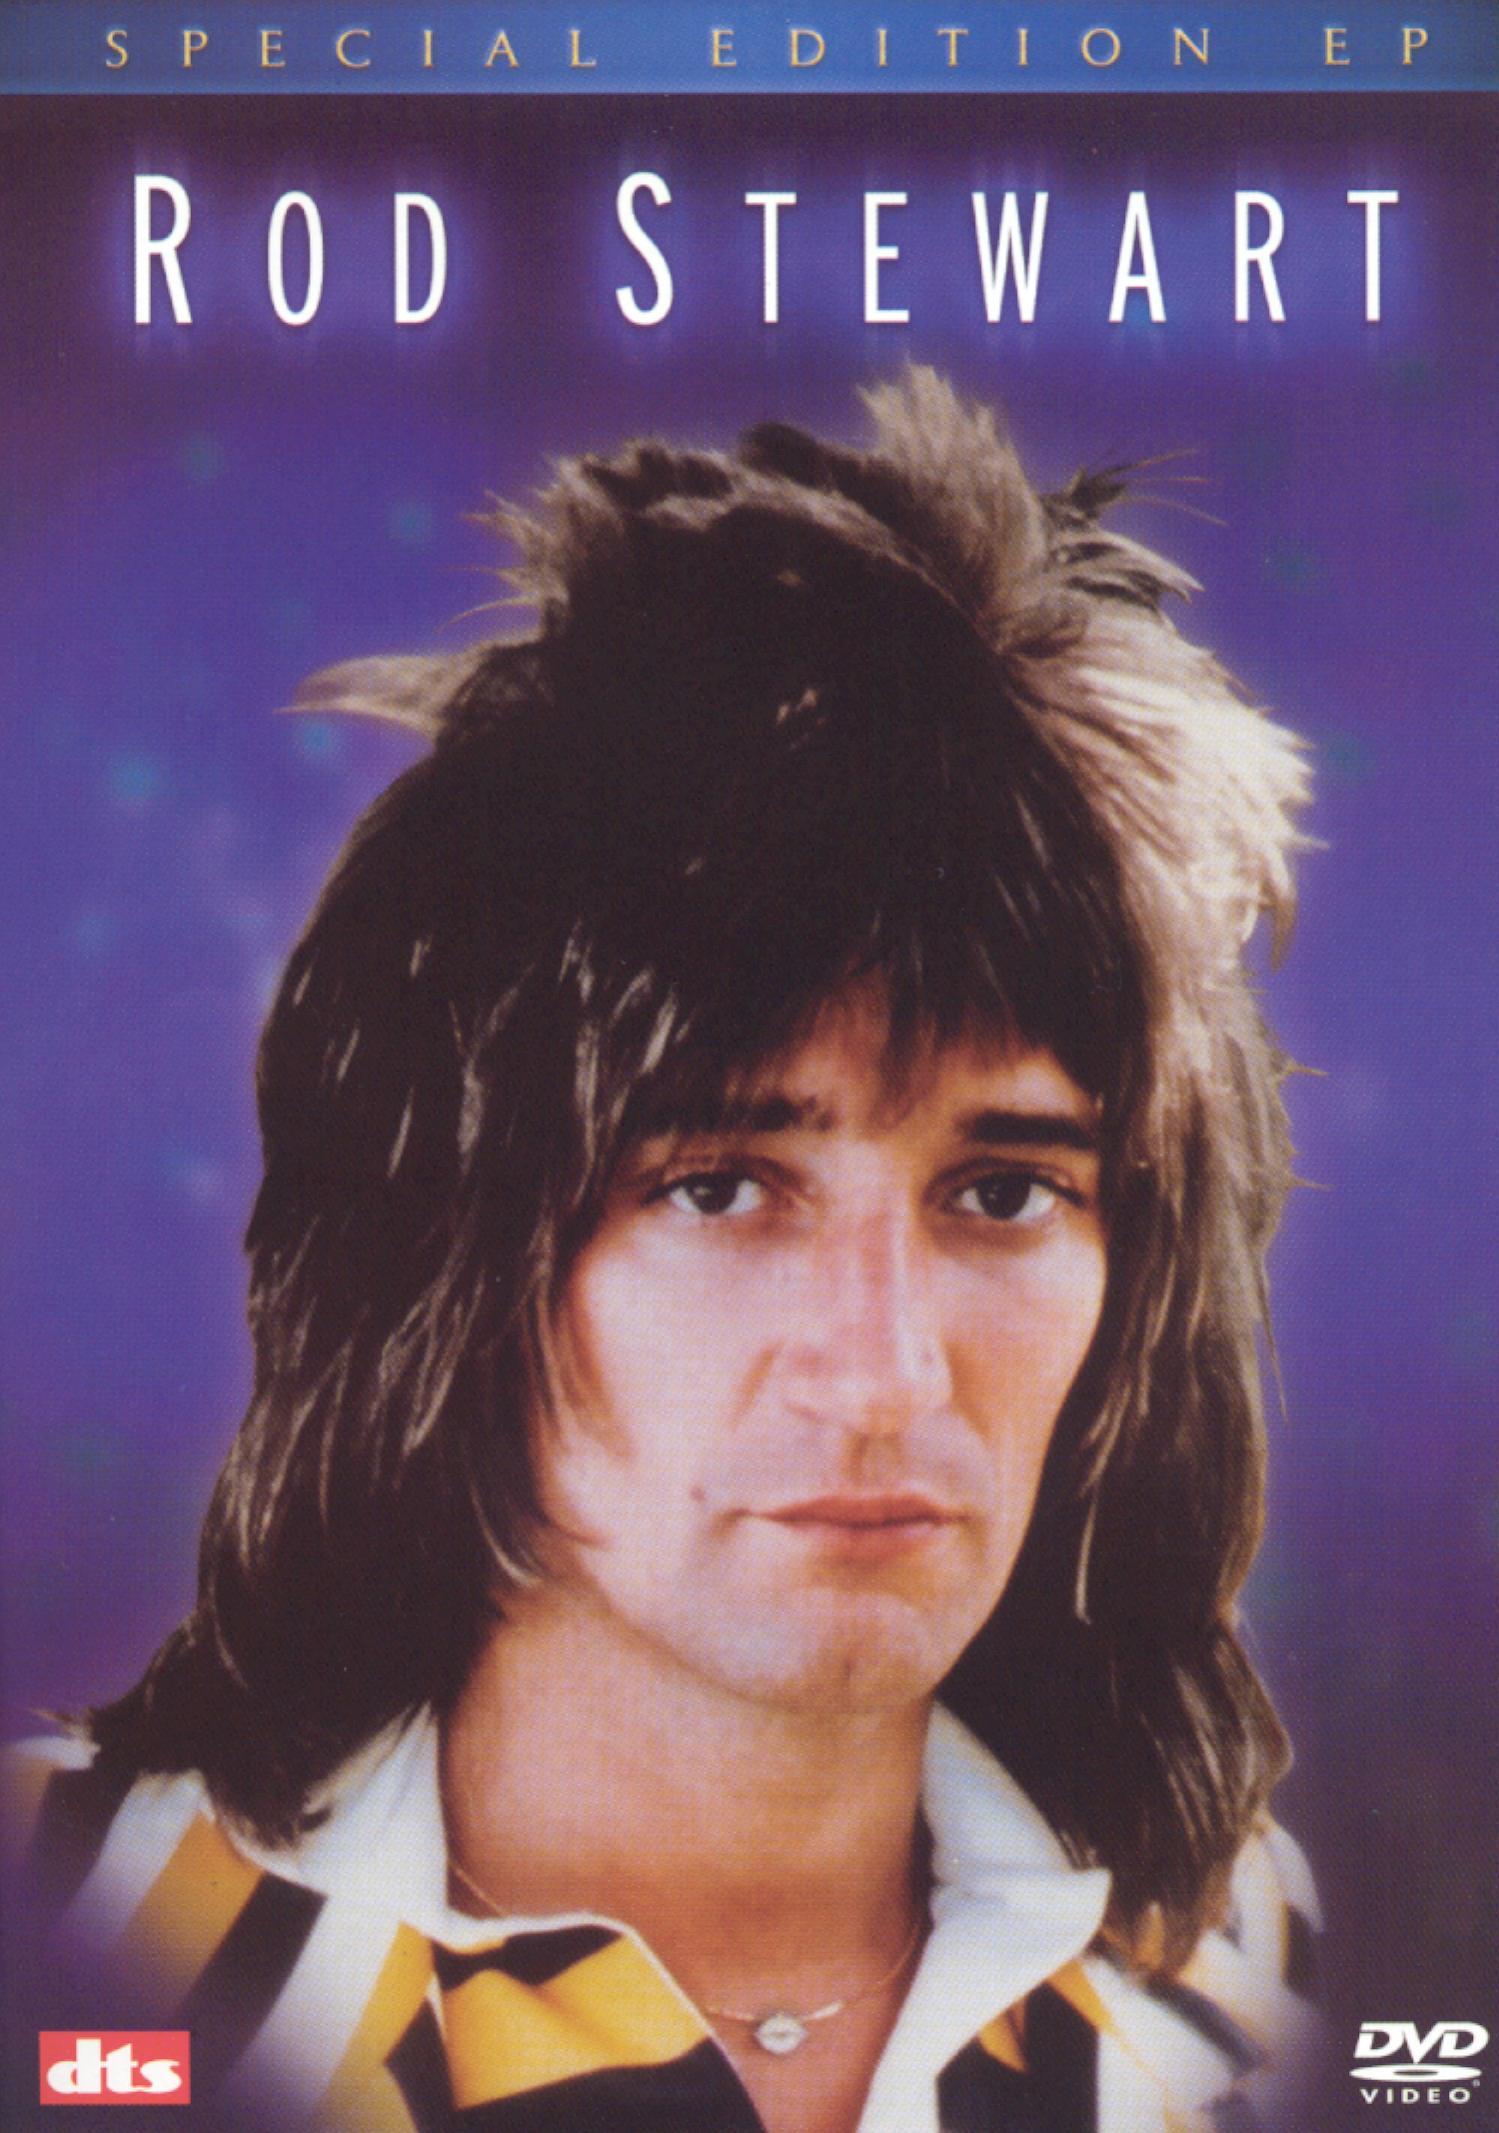 Rod Stewart EP